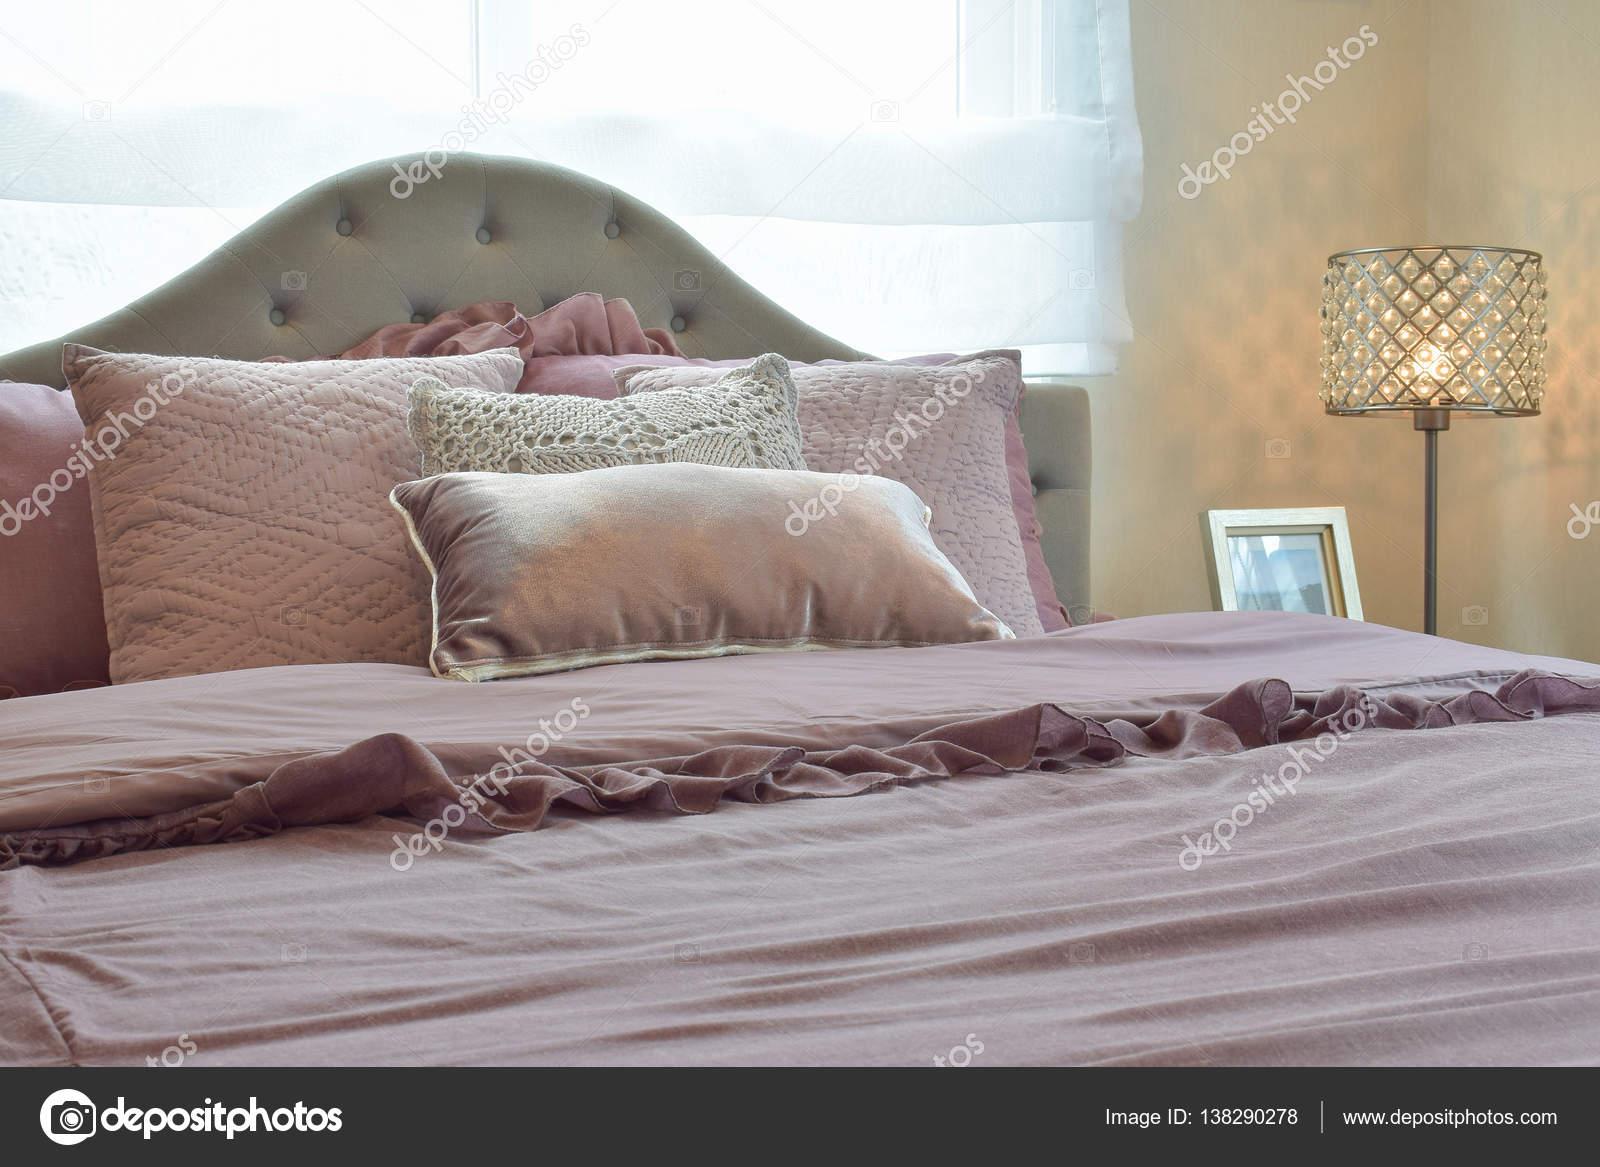 gezellige en klassieke slaapkamer interieur met kussens en leeslamp op nachtkastje stockfoto